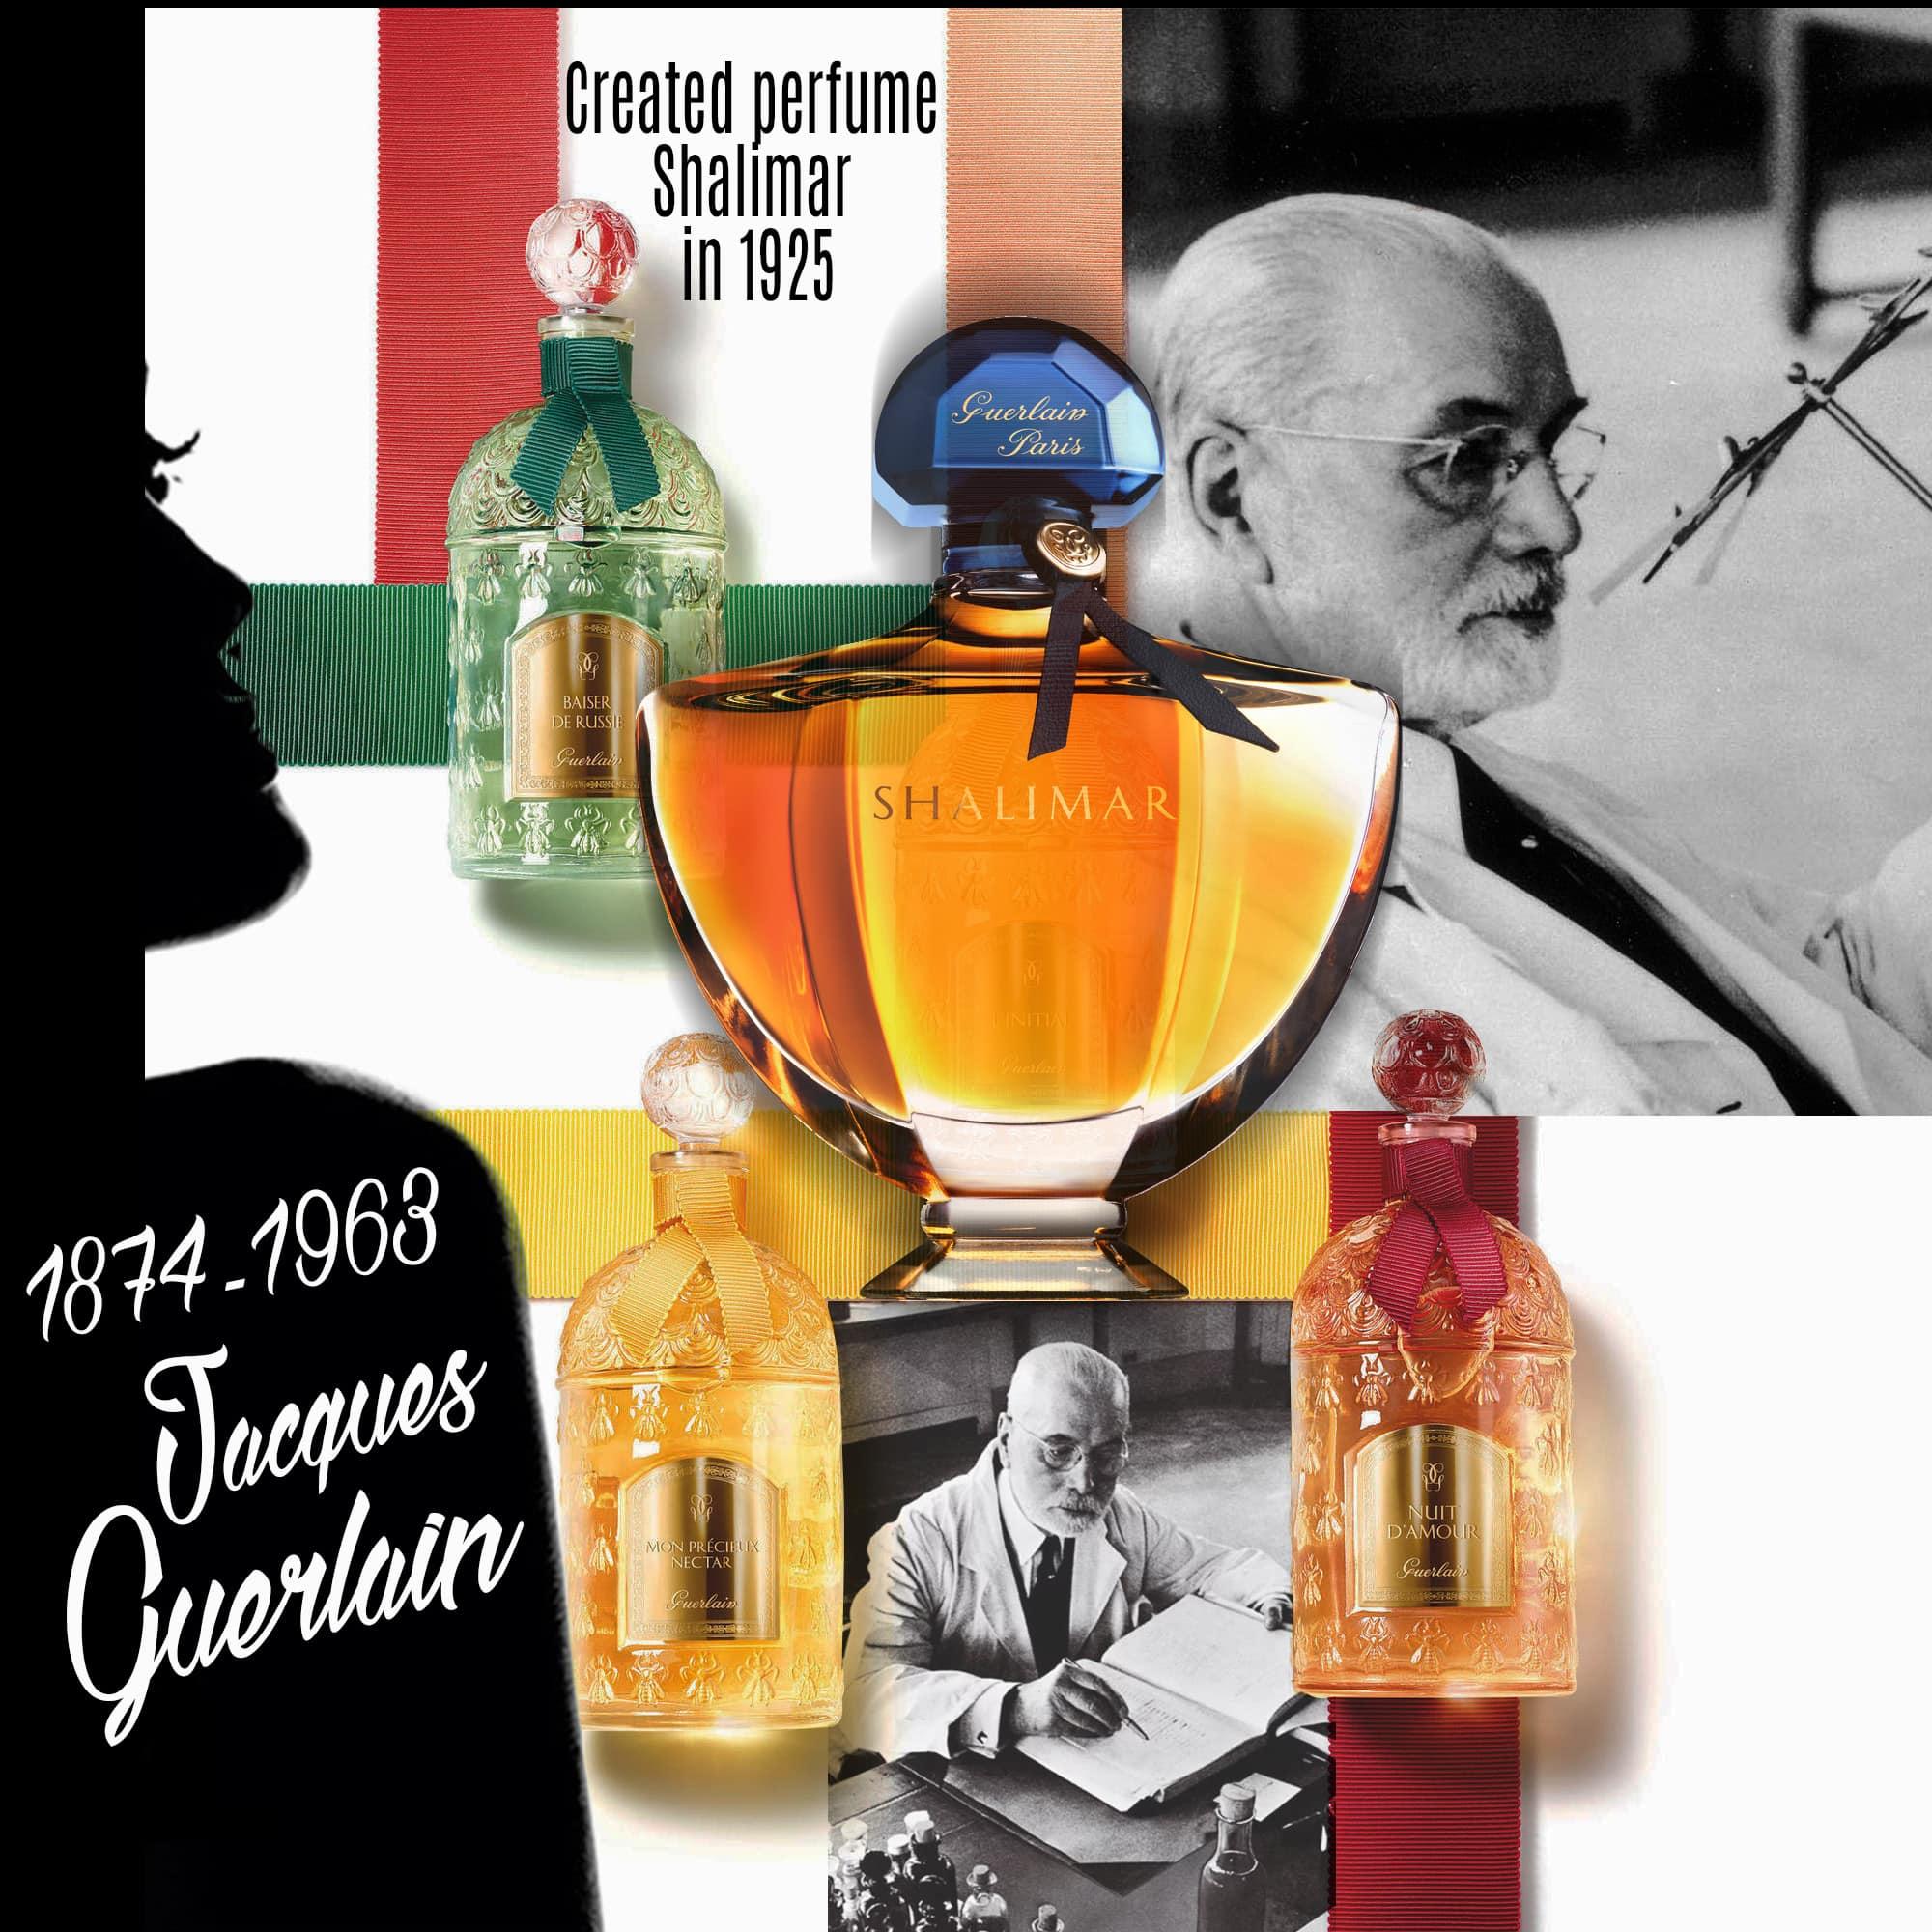 Jacques Guerlain criador do Shalimar - Tresors INPI por RUNWAY MAGAZINE